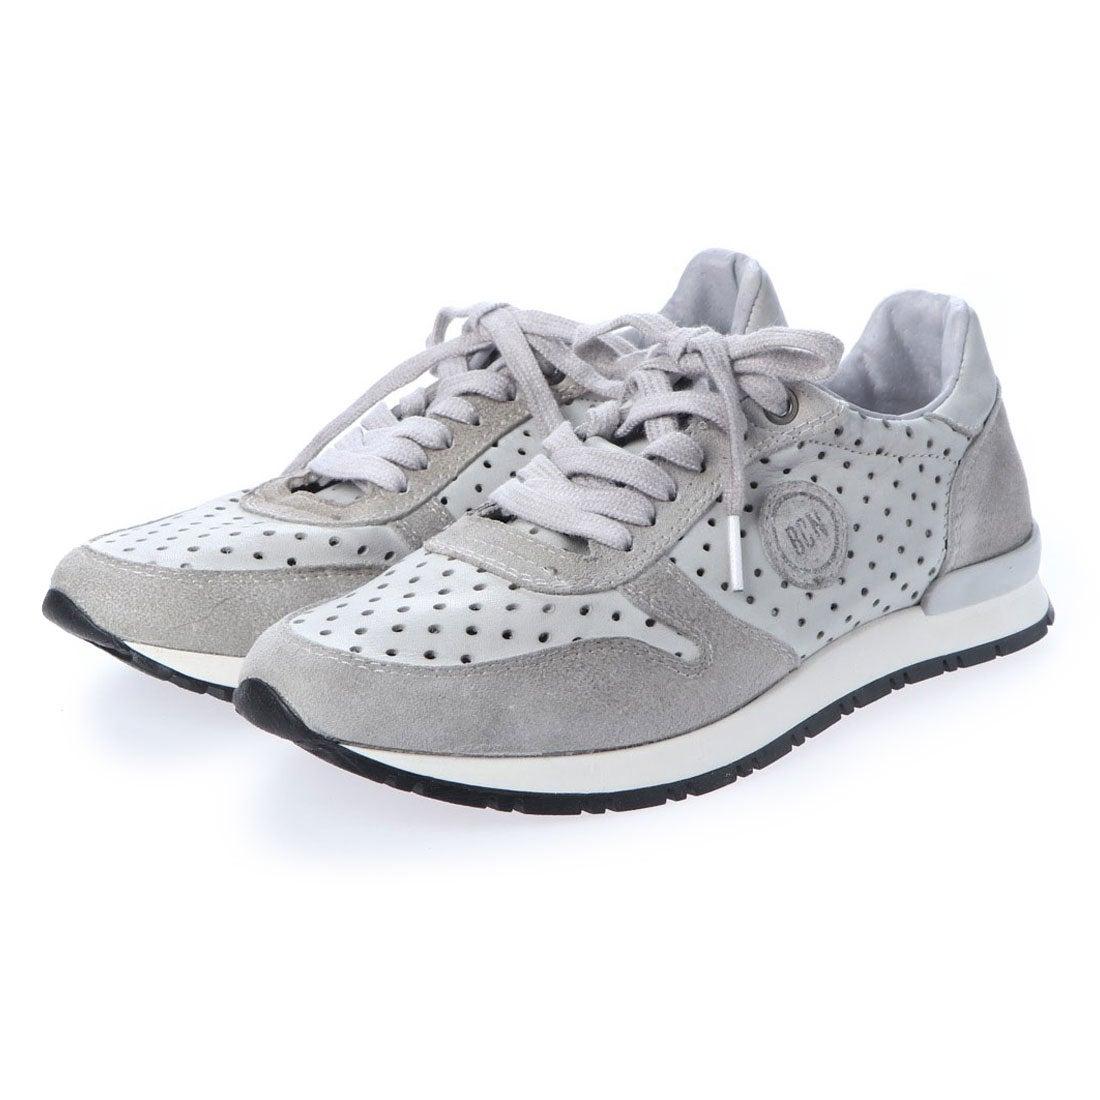 ヨーロッパコンフォートシューズ EU Comfort Shoes BCN スニーカー(C-950 SRA) (ホワイト)